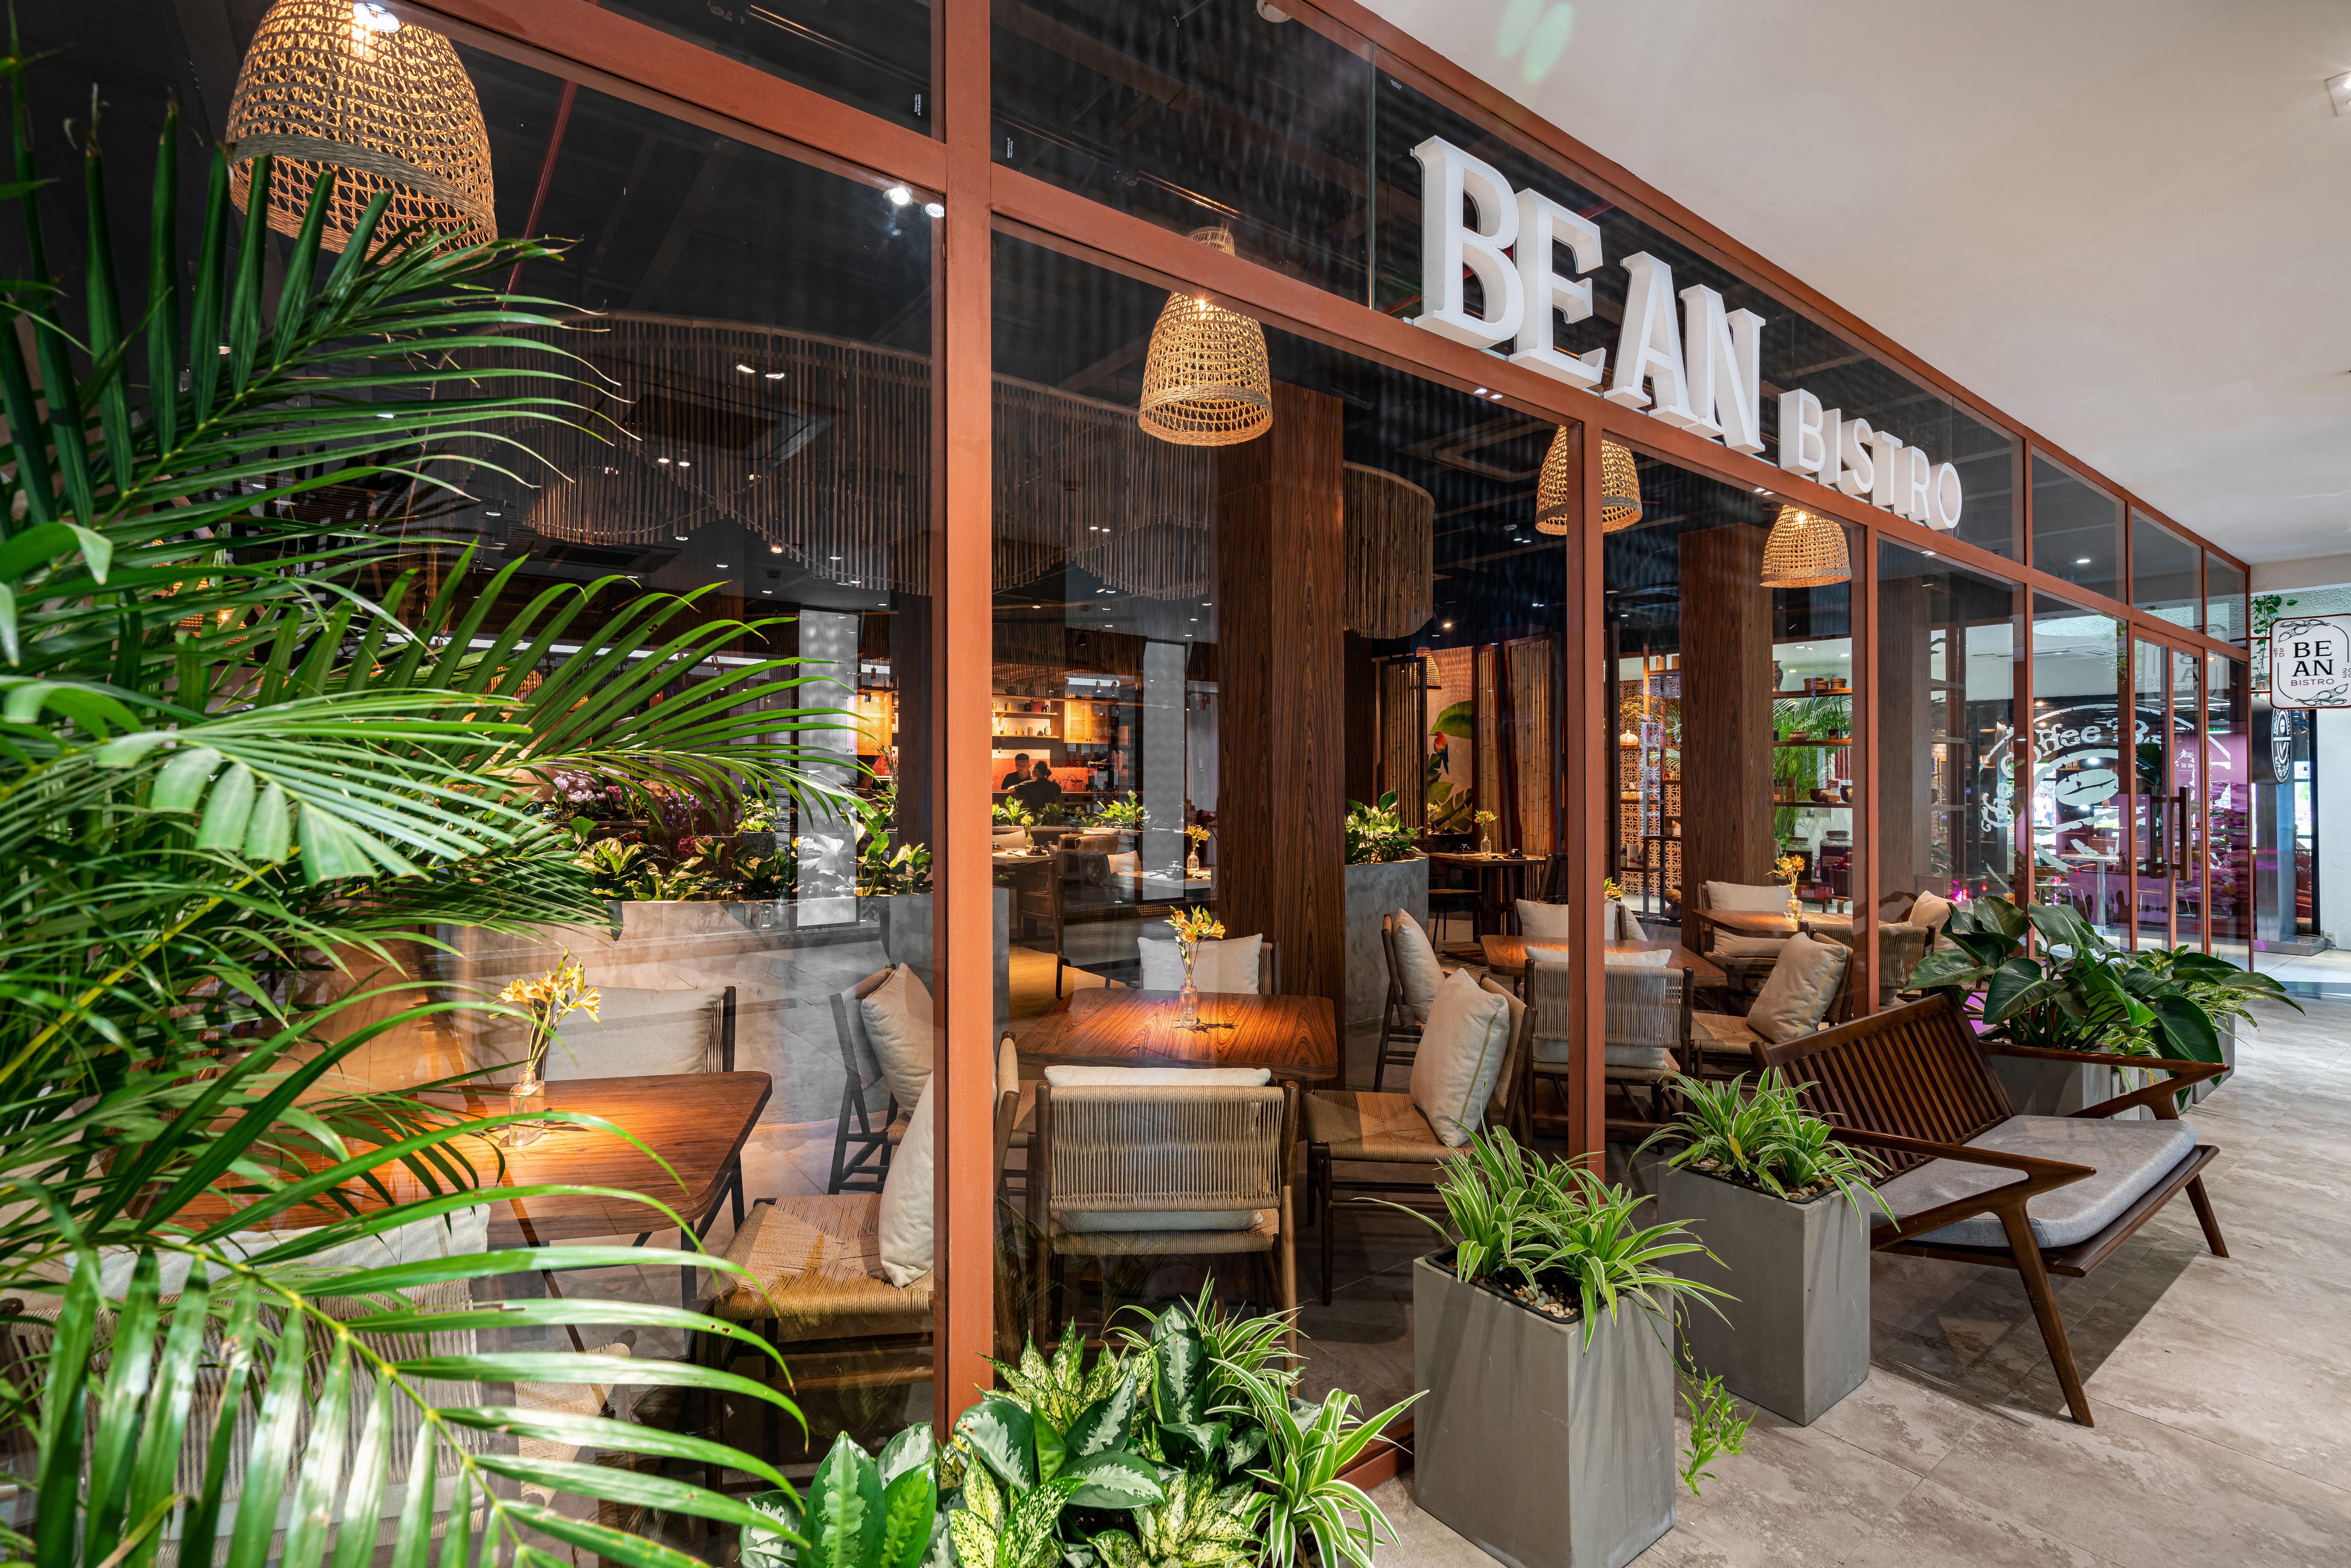 Mẫu thiết kế nhà hàng chay Be An Vegetarian - Đẹp an yên giữa Sài Thành nhộn nhịp